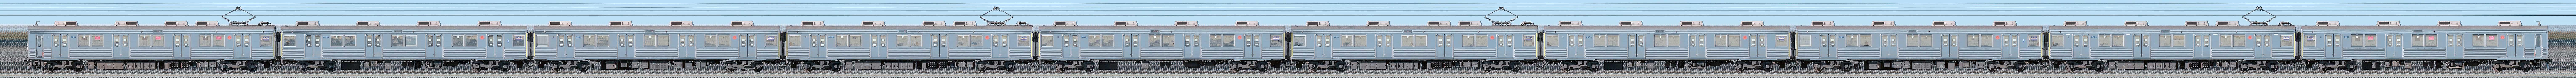 東急8500系8631編成(海側)の編成サイドビュー